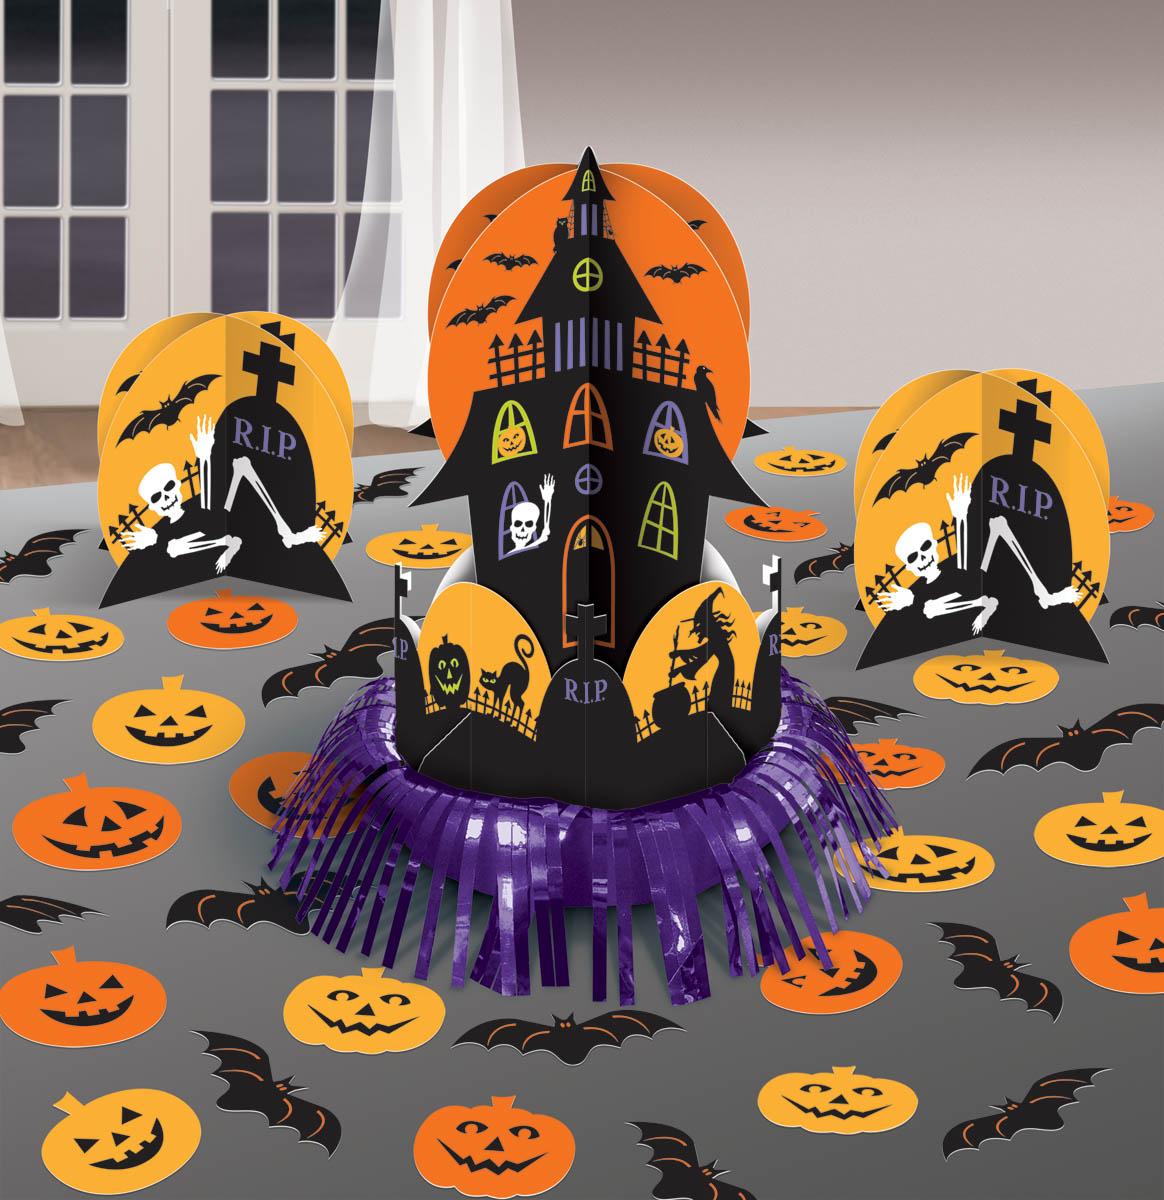 Kit Enfeite de Mesa Halloween Halloween Decoraç u00e3o Artigos para Festas Party City -> Decoracao Para Mesa Halloween